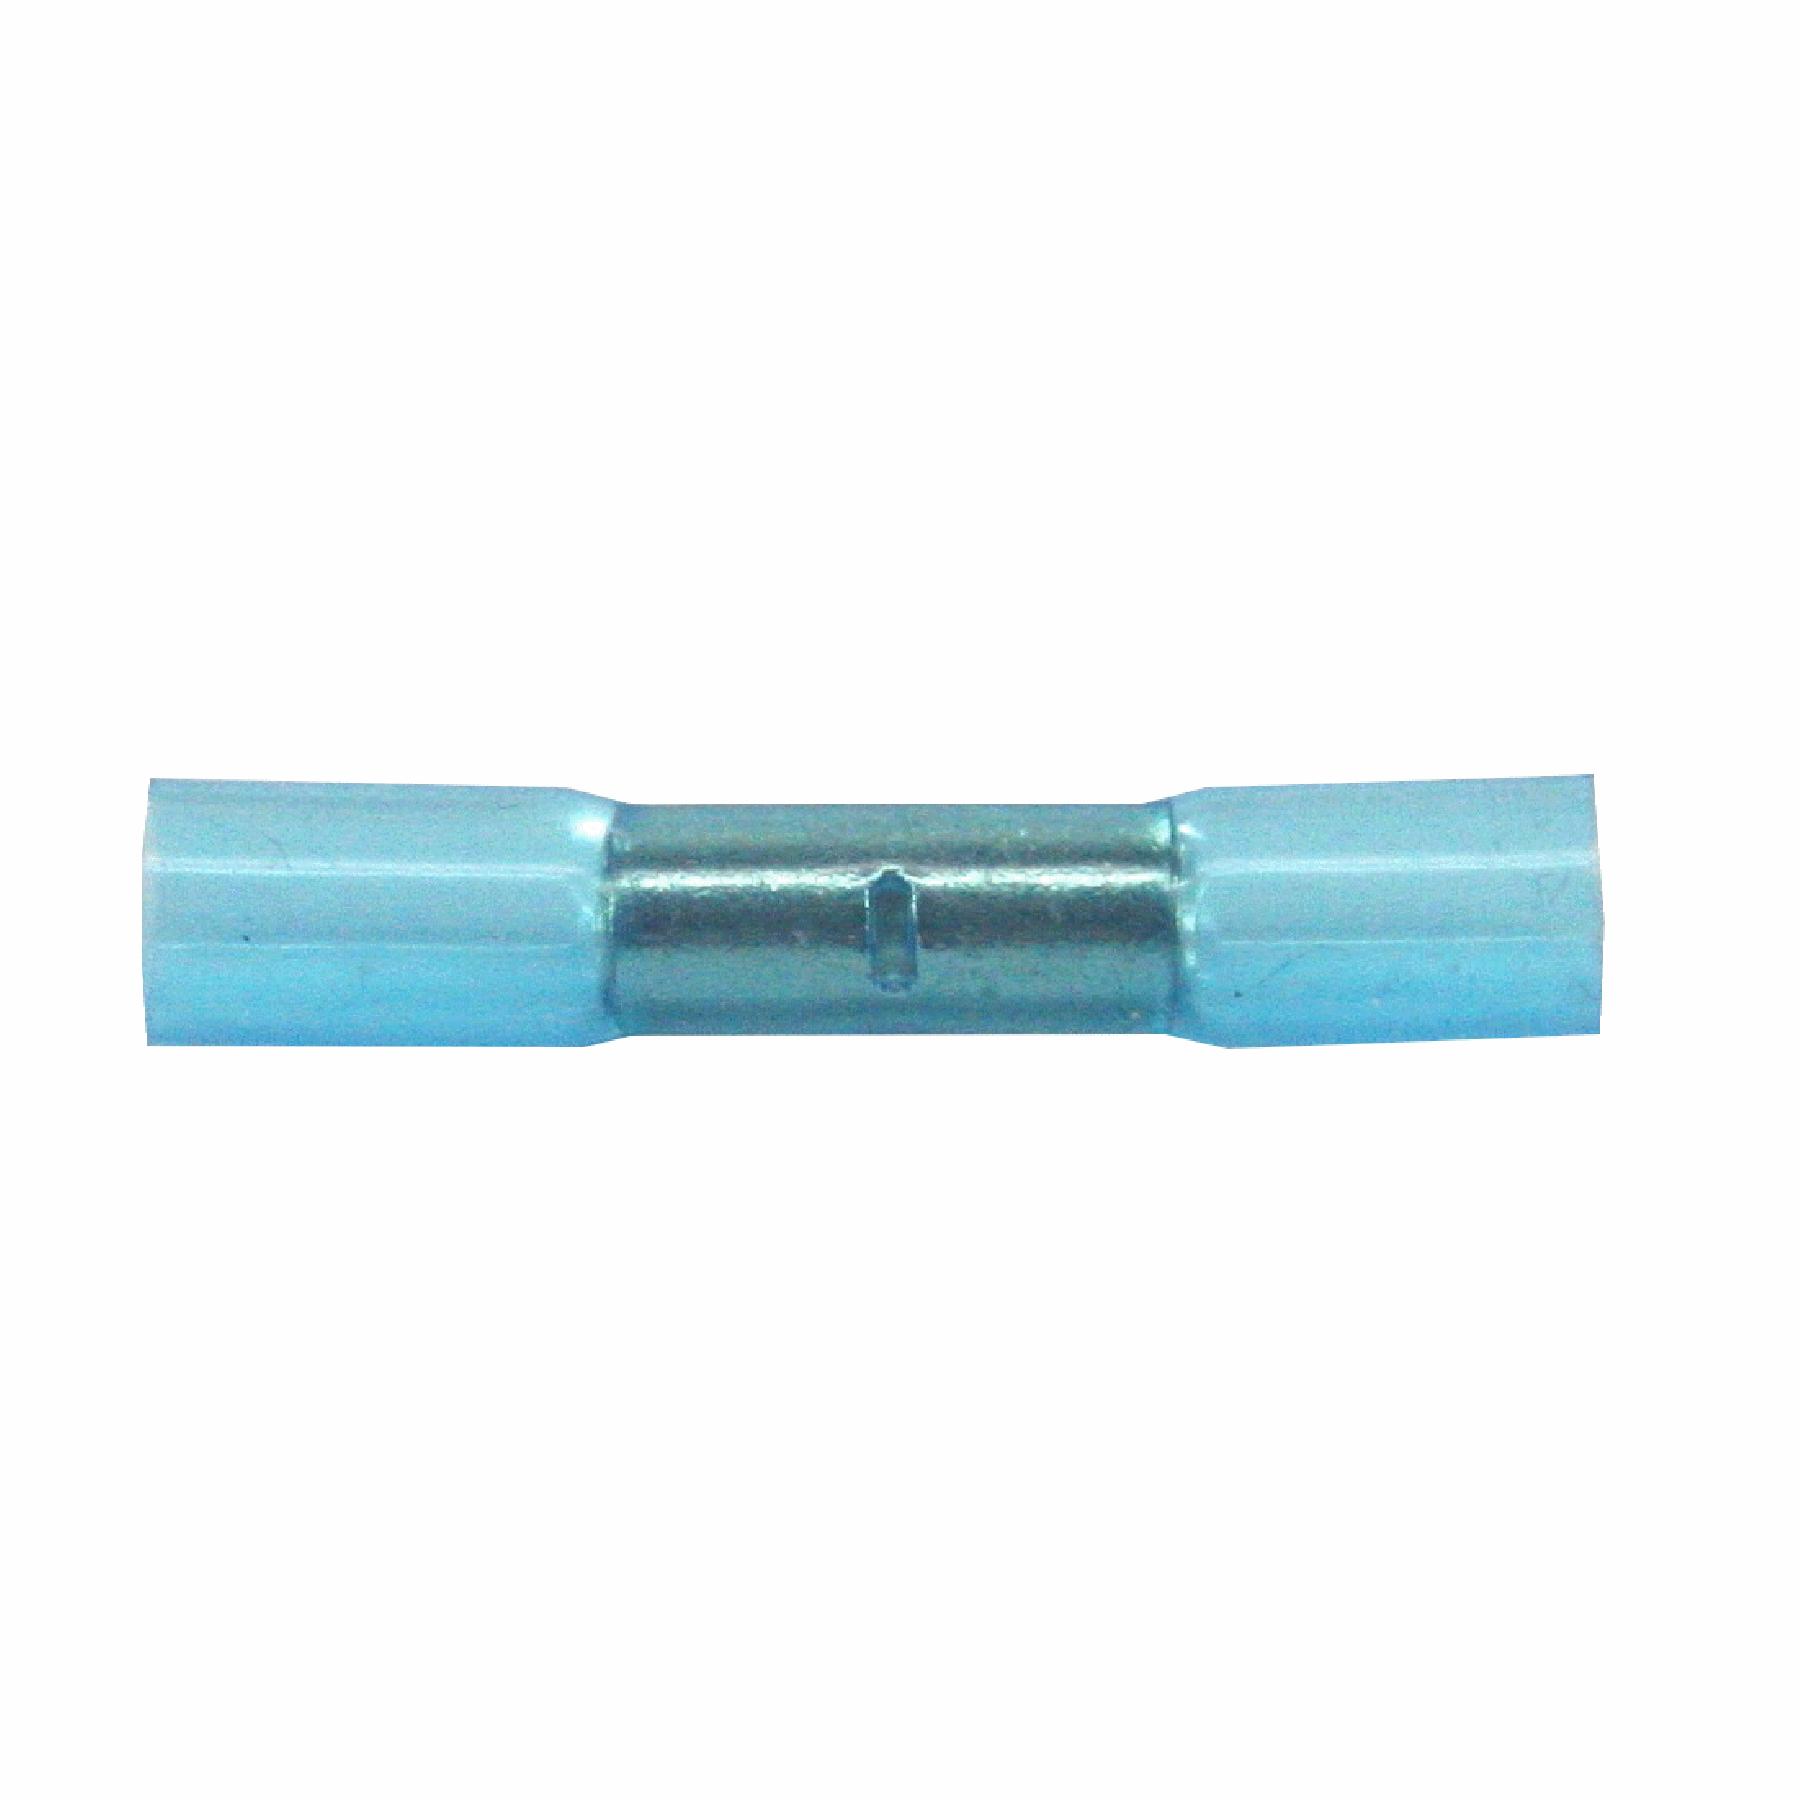 st. Doorverbinder krimp (Duraseal) blauw